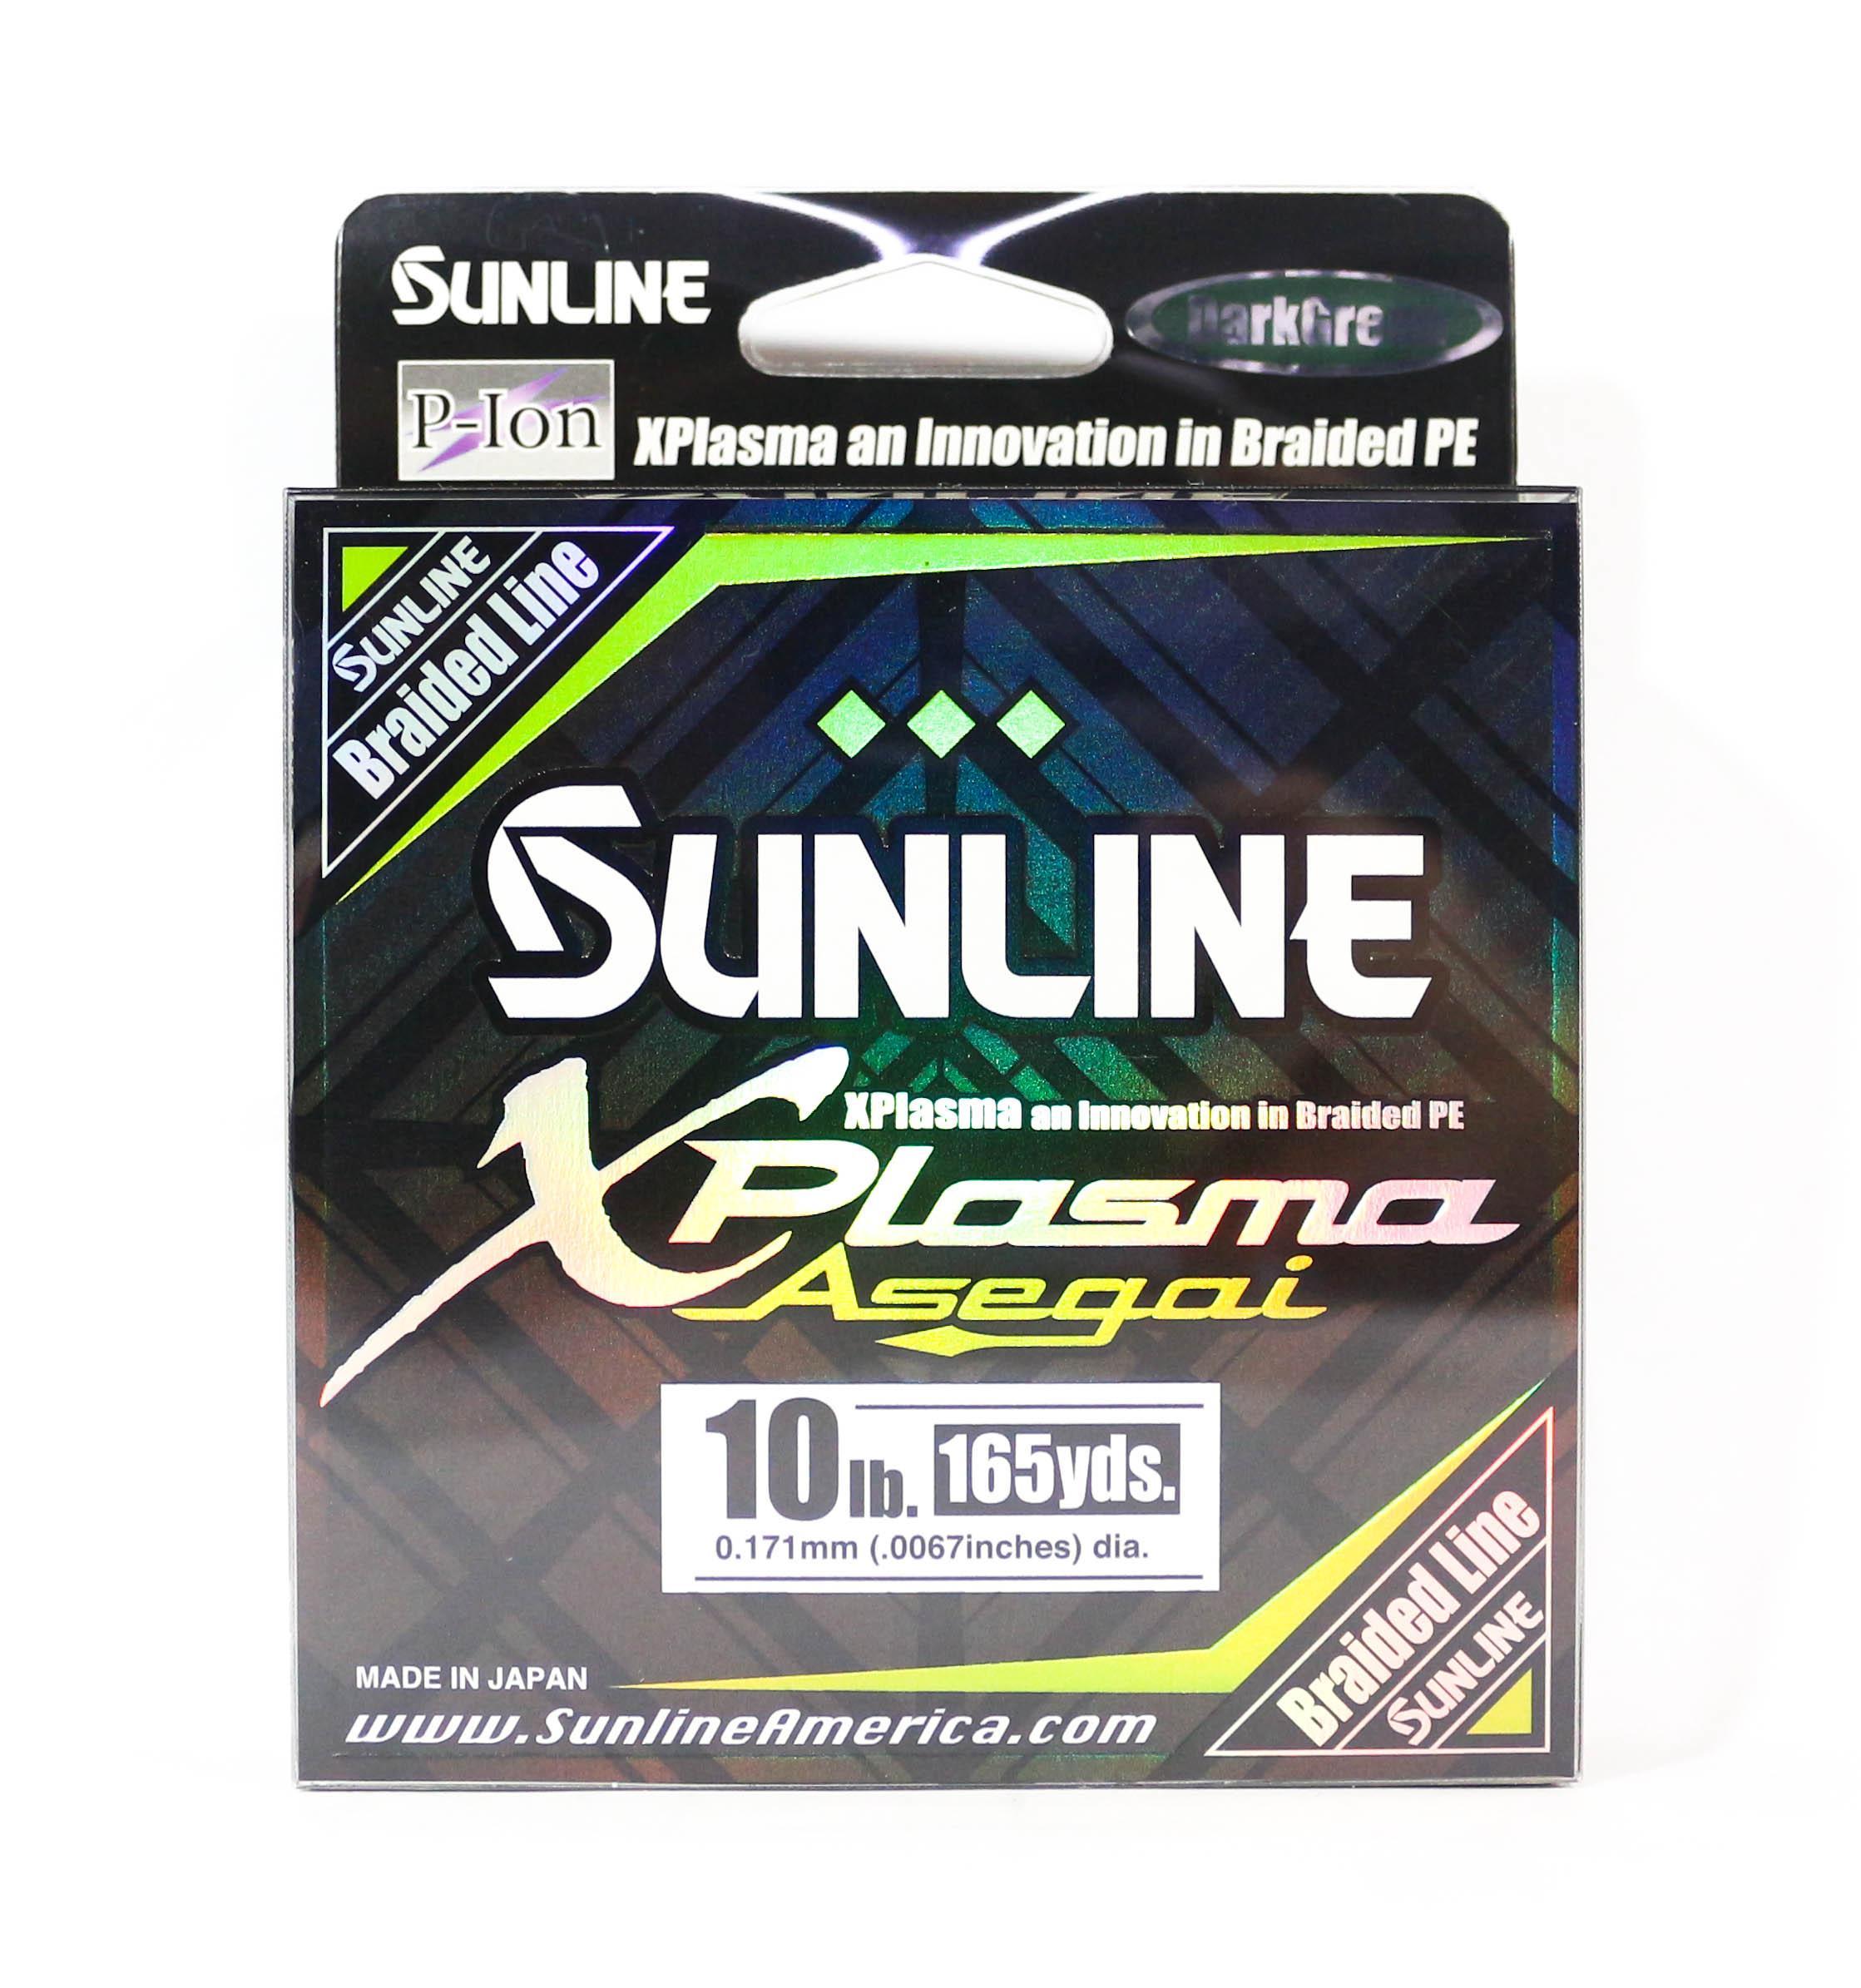 Sunline Asegai Xplasma Braided Line 165yds P.E 1 10lb Dark Green (5103)